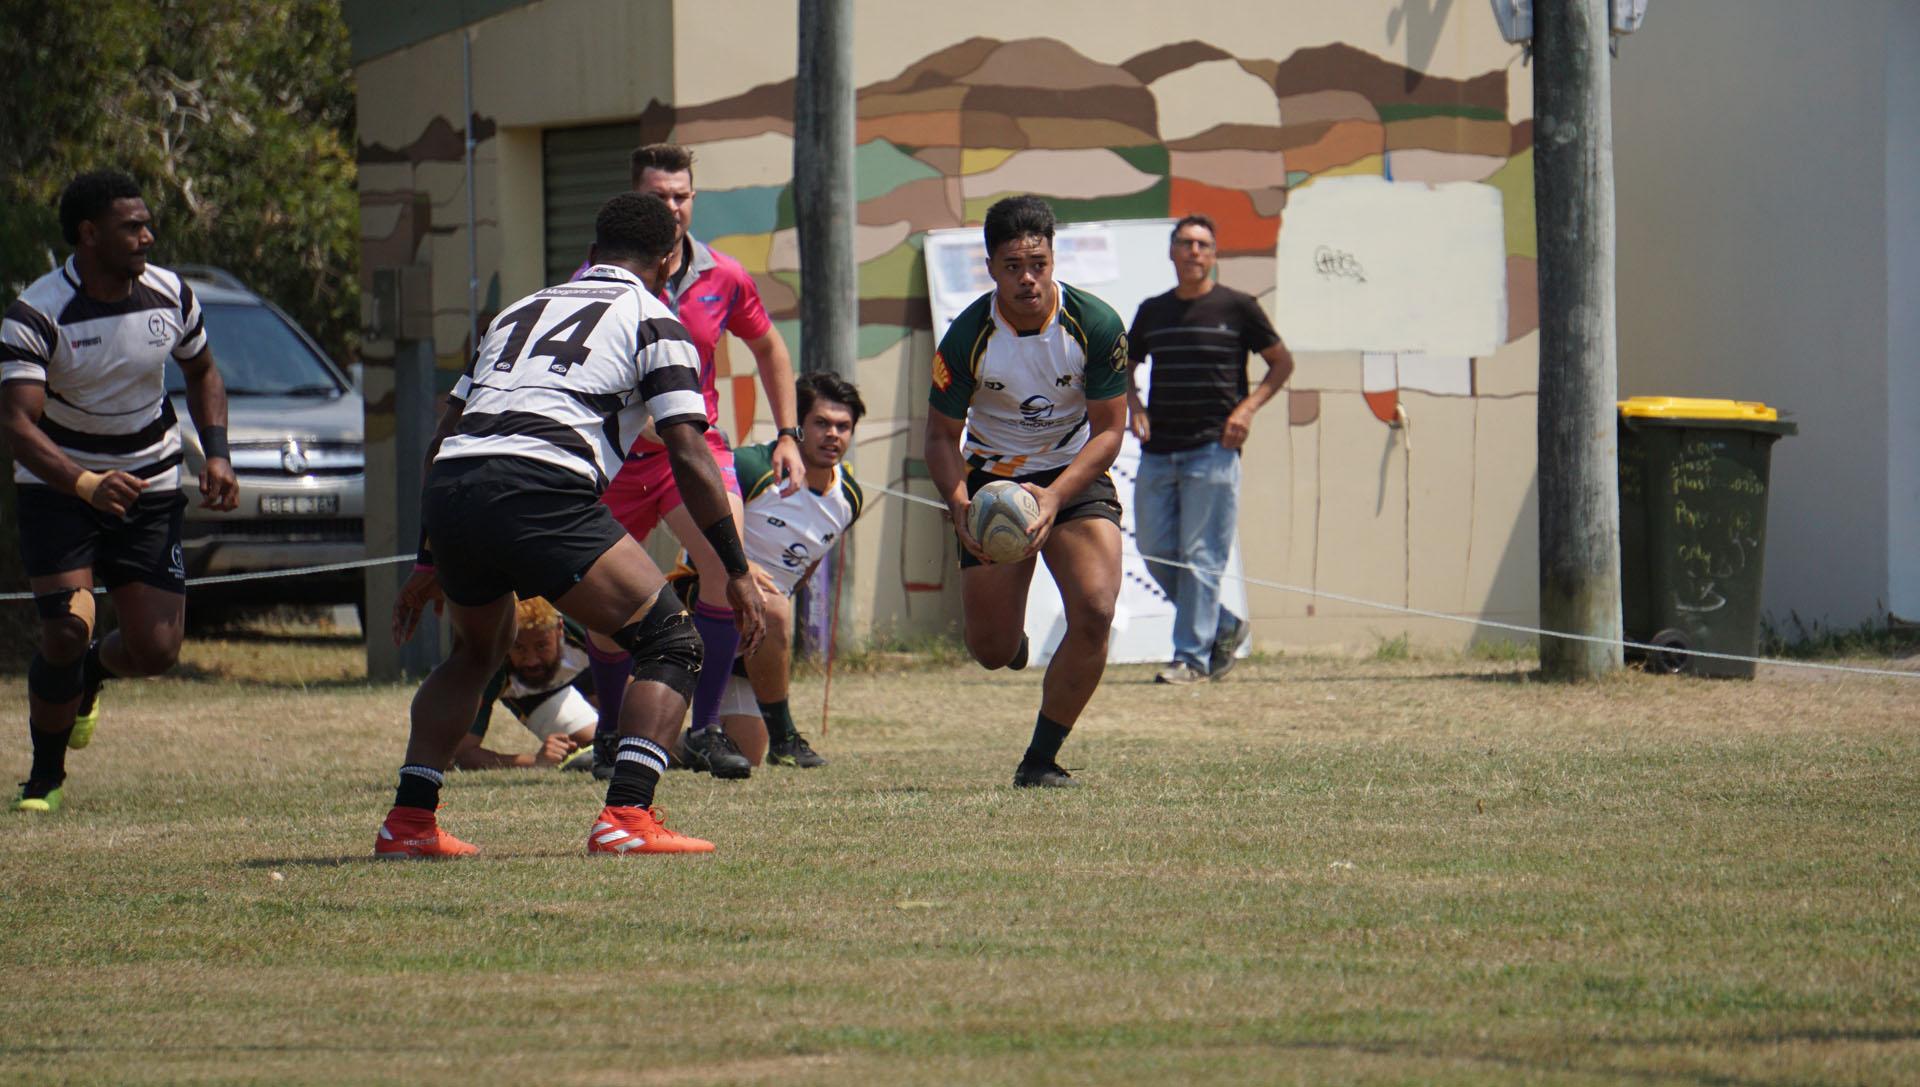 191019-20_Byron Bay Rugby 7s 2019_144